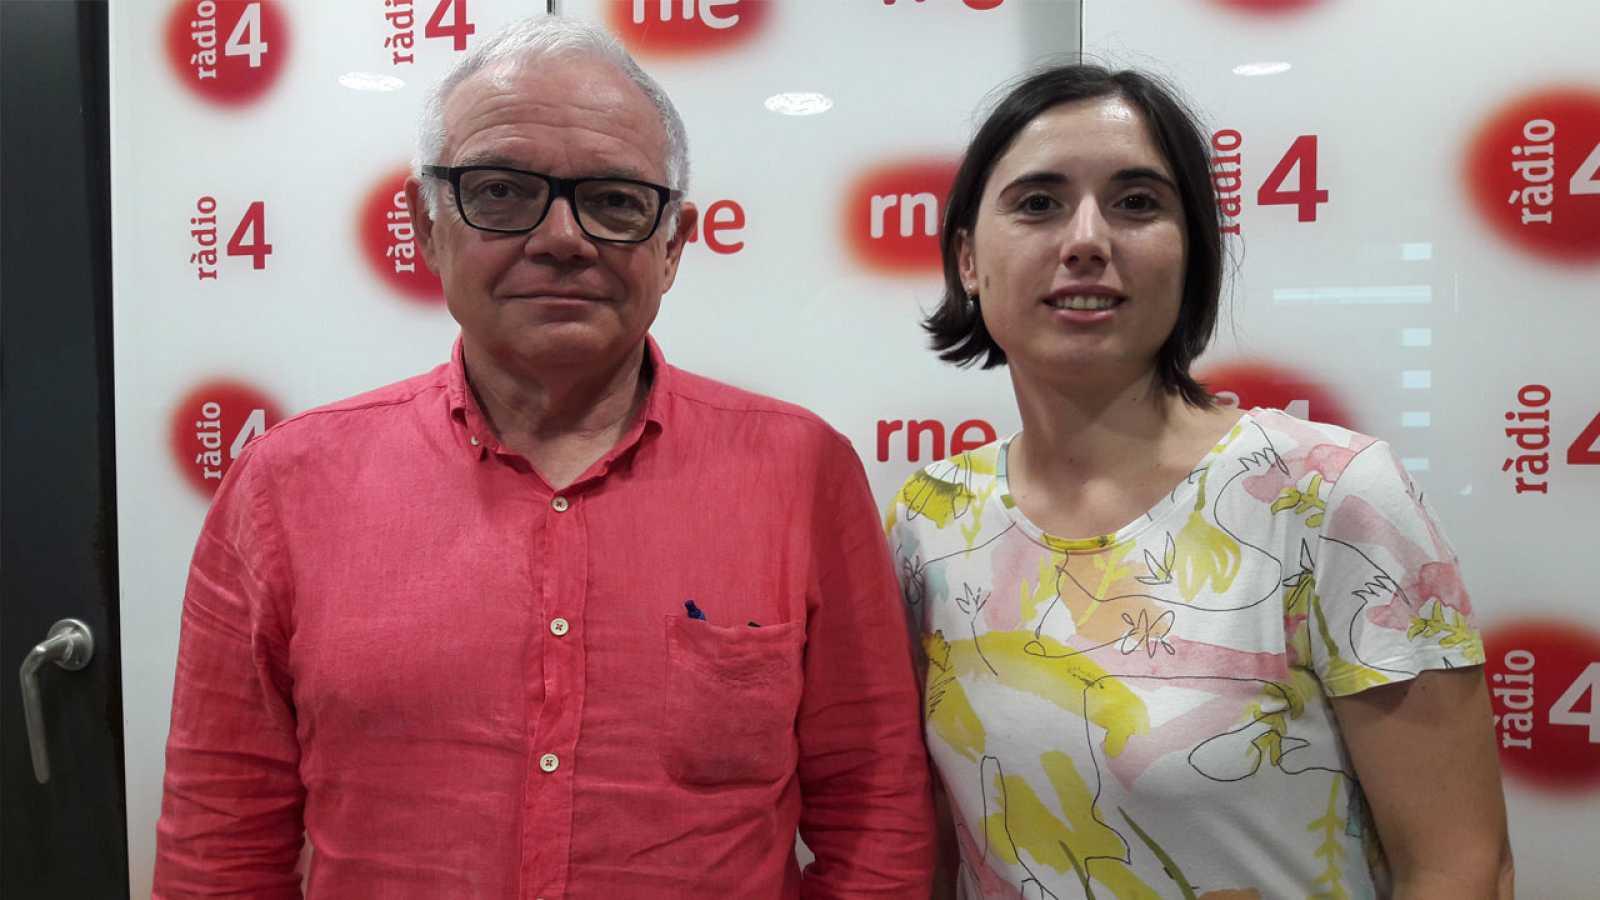 El matí a Ràdio 4 - Parlem de meduses amb el Dr. Josep Maria Gili